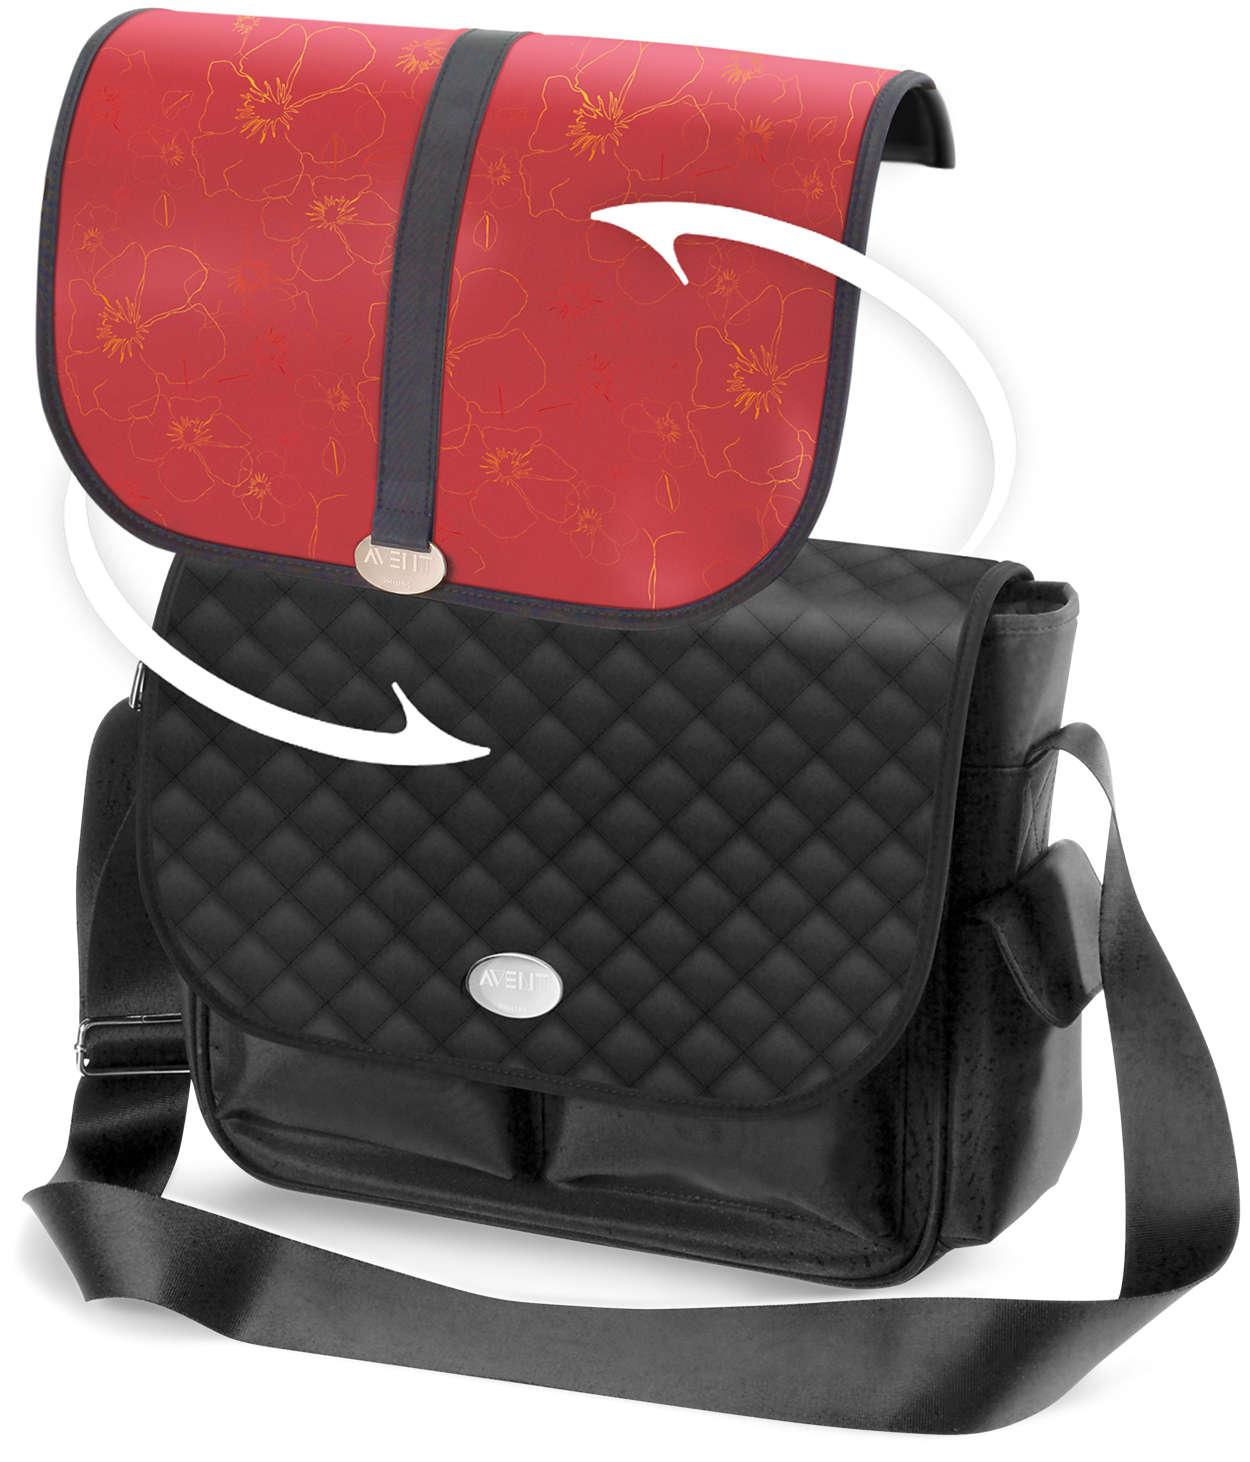 Vienas krepšys, du stiliai